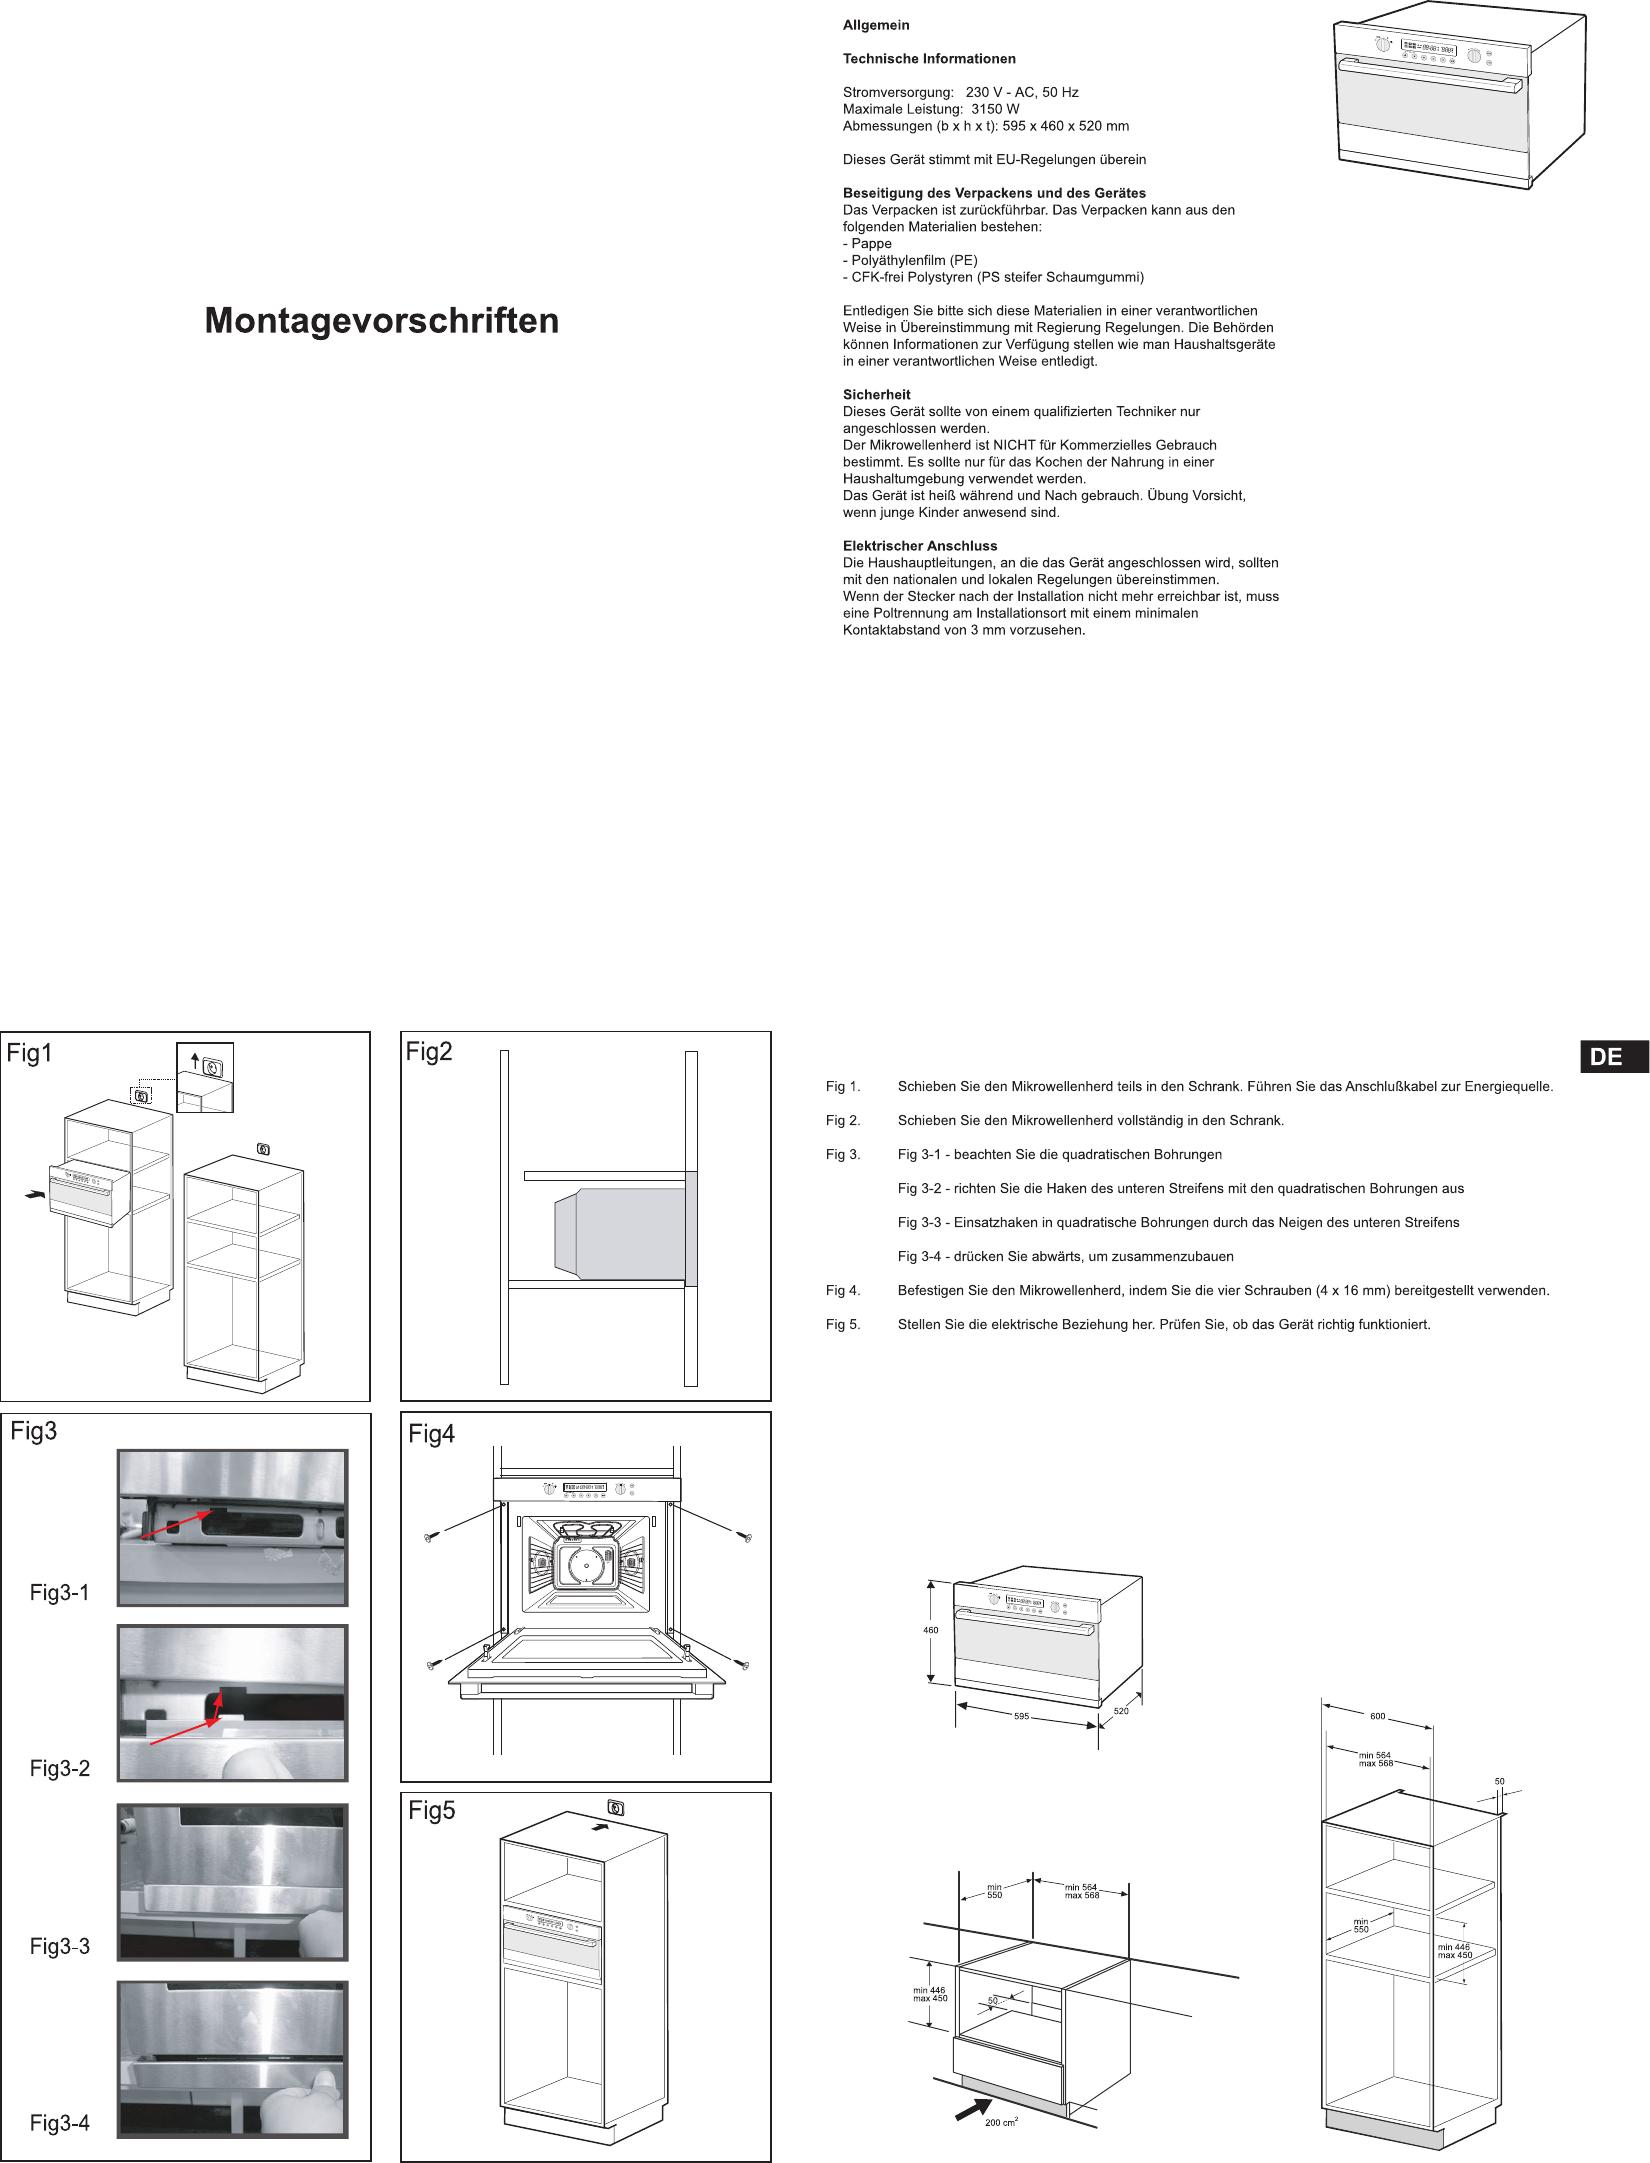 Ziemlich 4 0 Urdraht Verbinden Fotos - Elektrische Schaltplan-Ideen ...